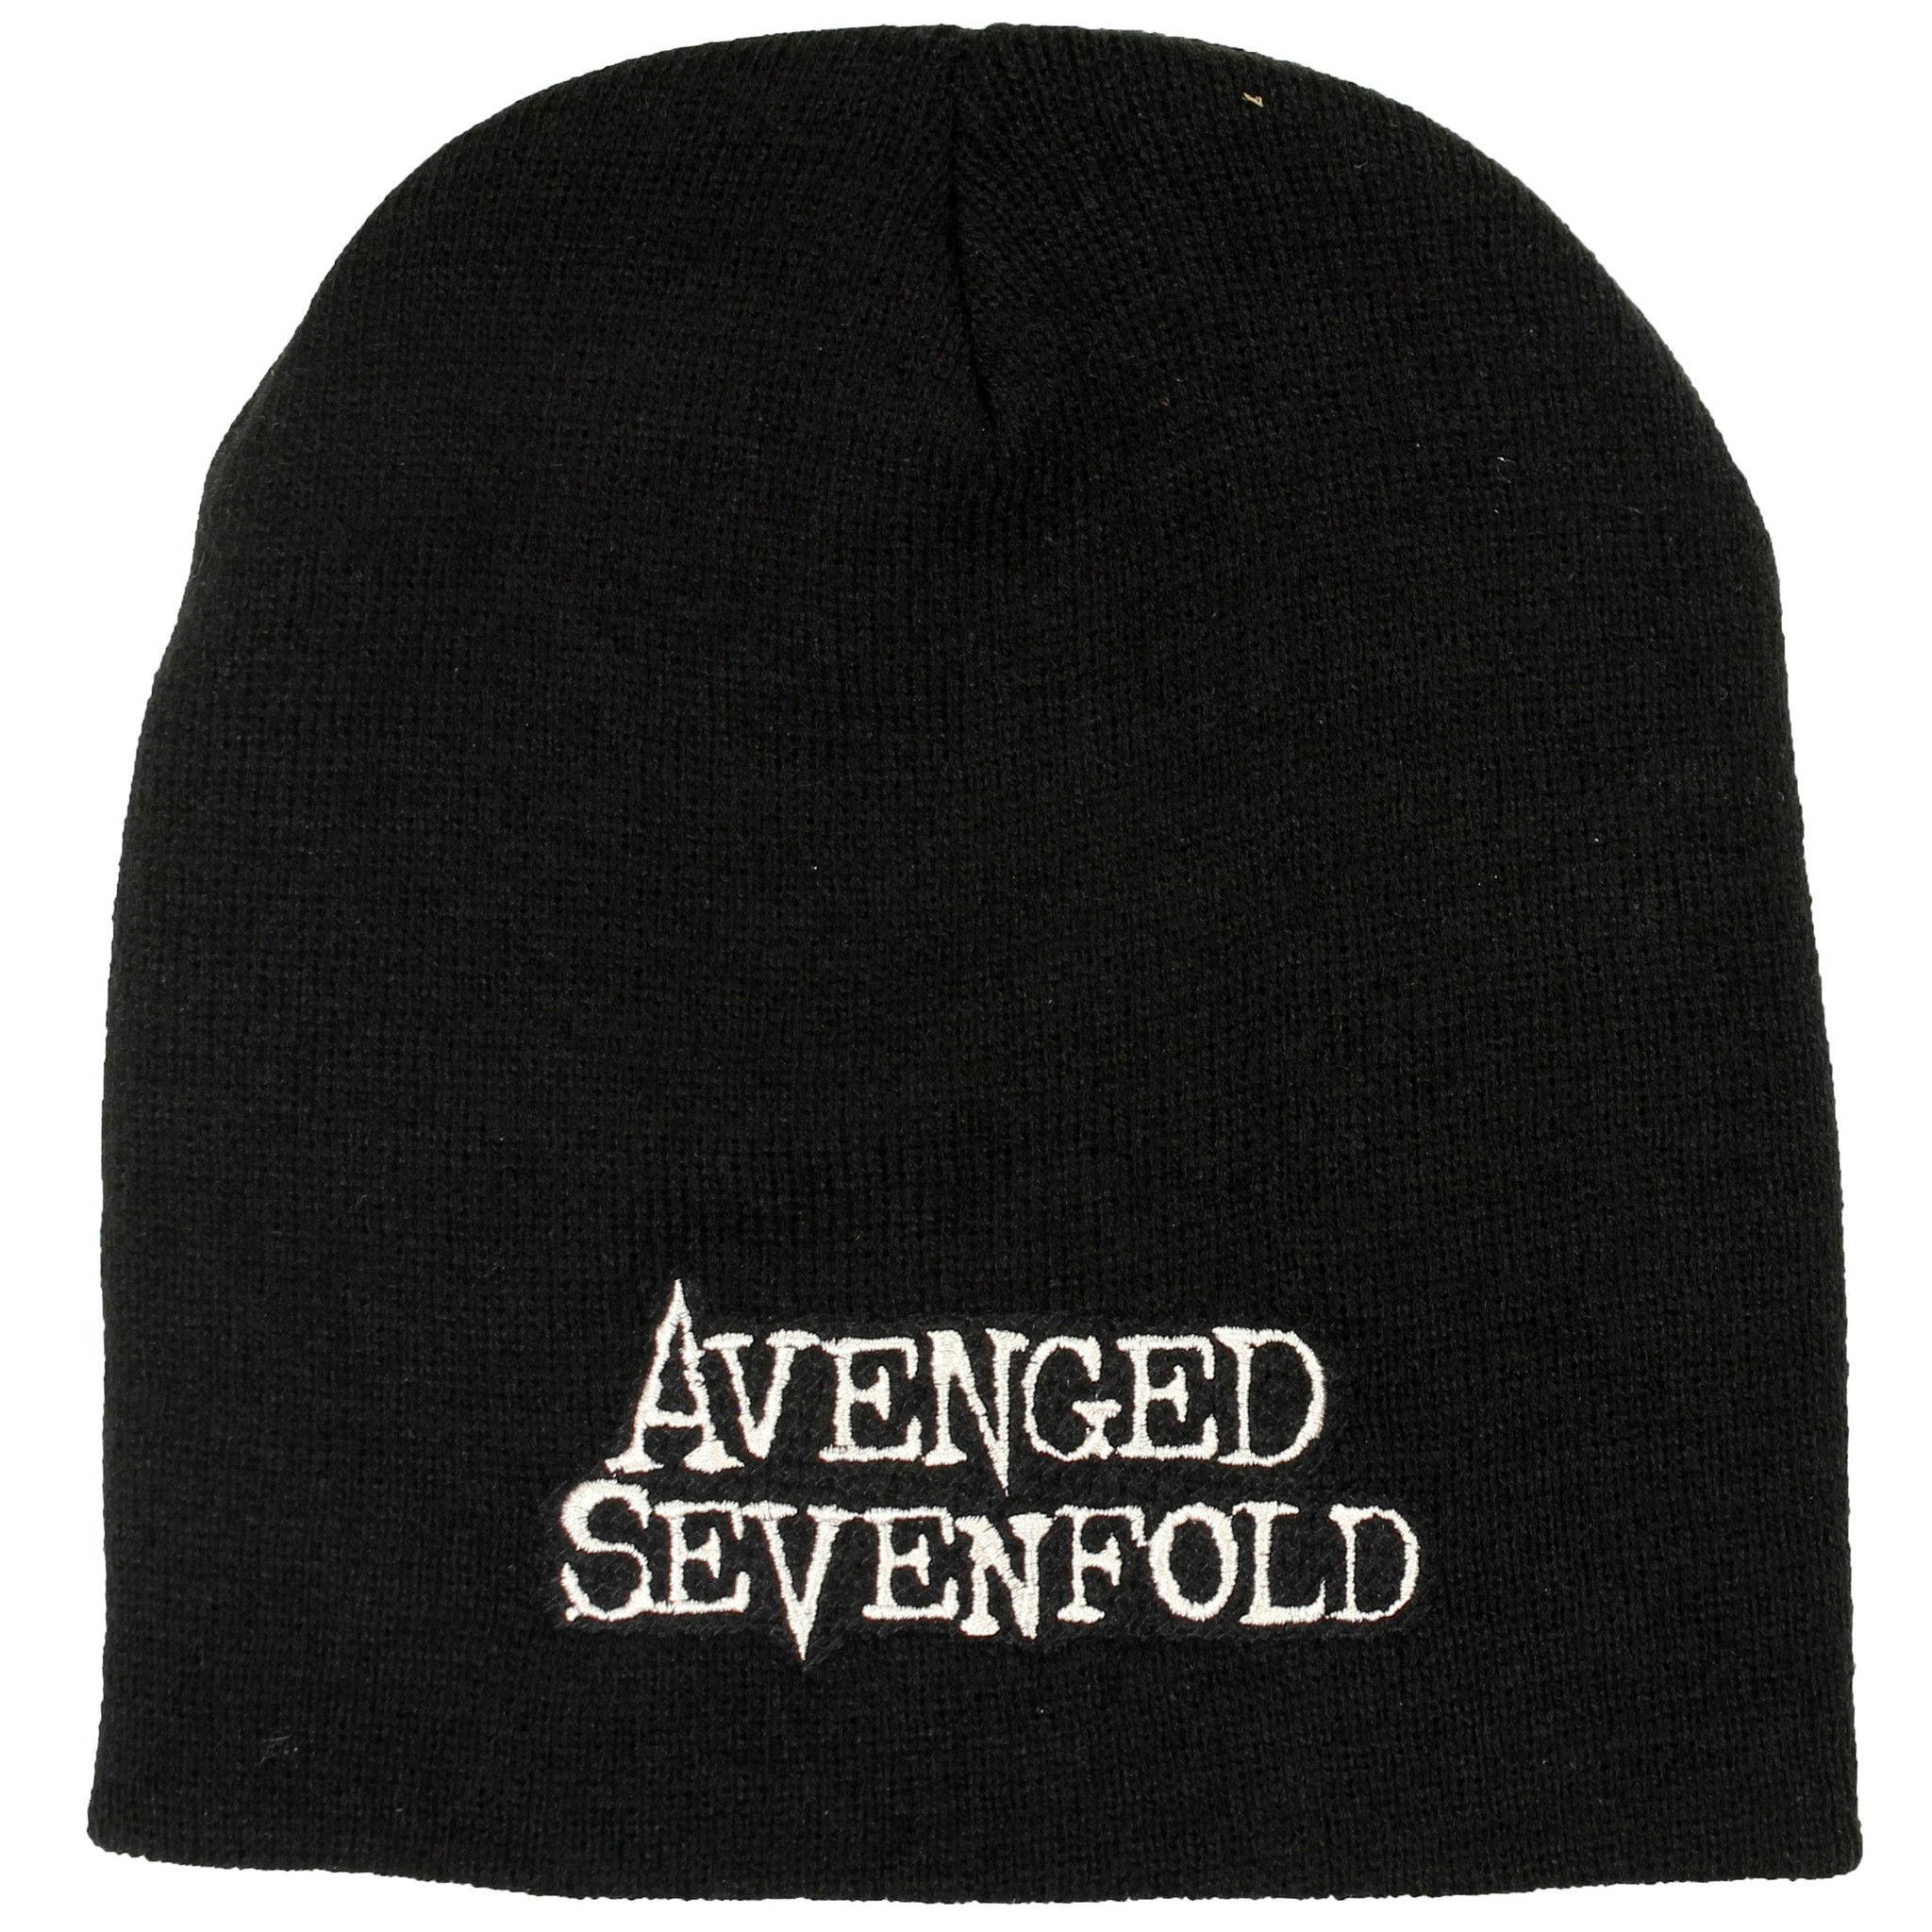 Band Merchandise Avenged Sevenfold A7X Logo Beanie Muts Zwart - Officiële Band merchandise